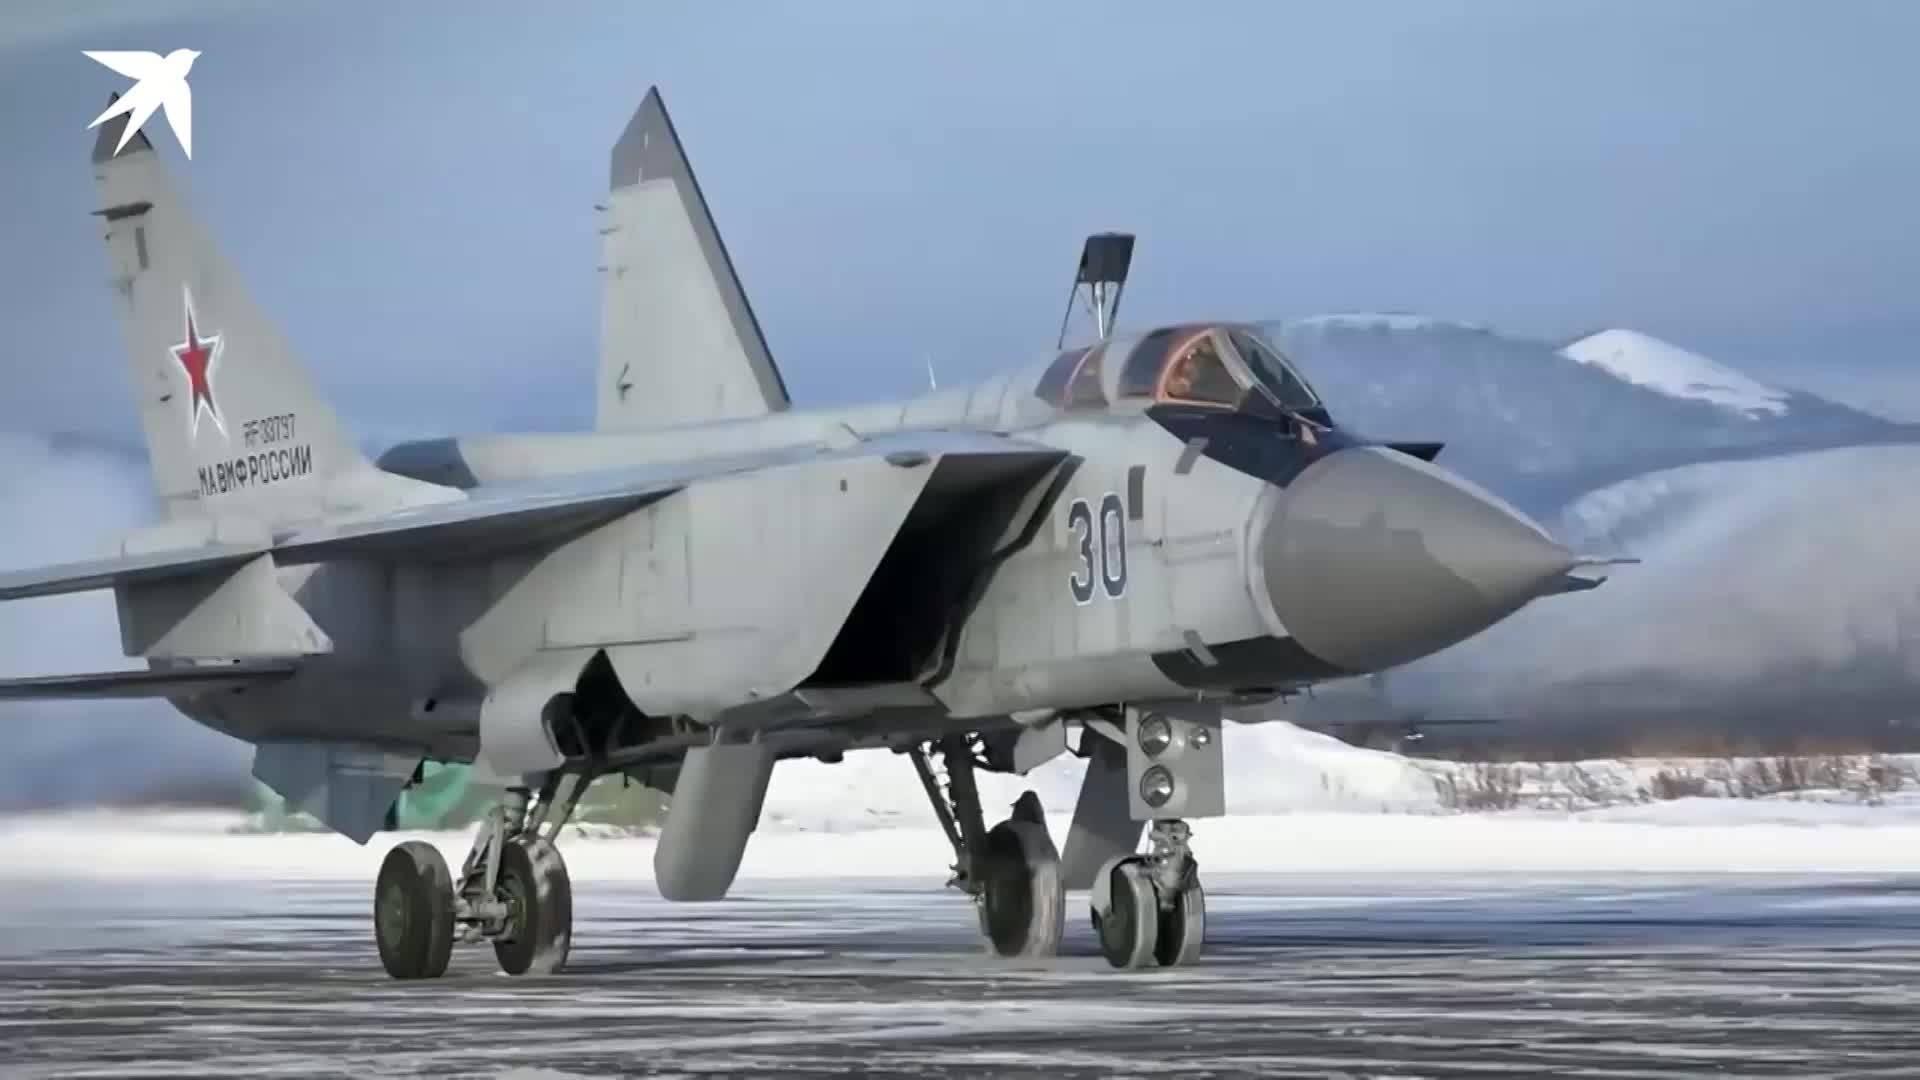 Миг-25: почему его считали «самым пьяным самолётом» | русская семерка